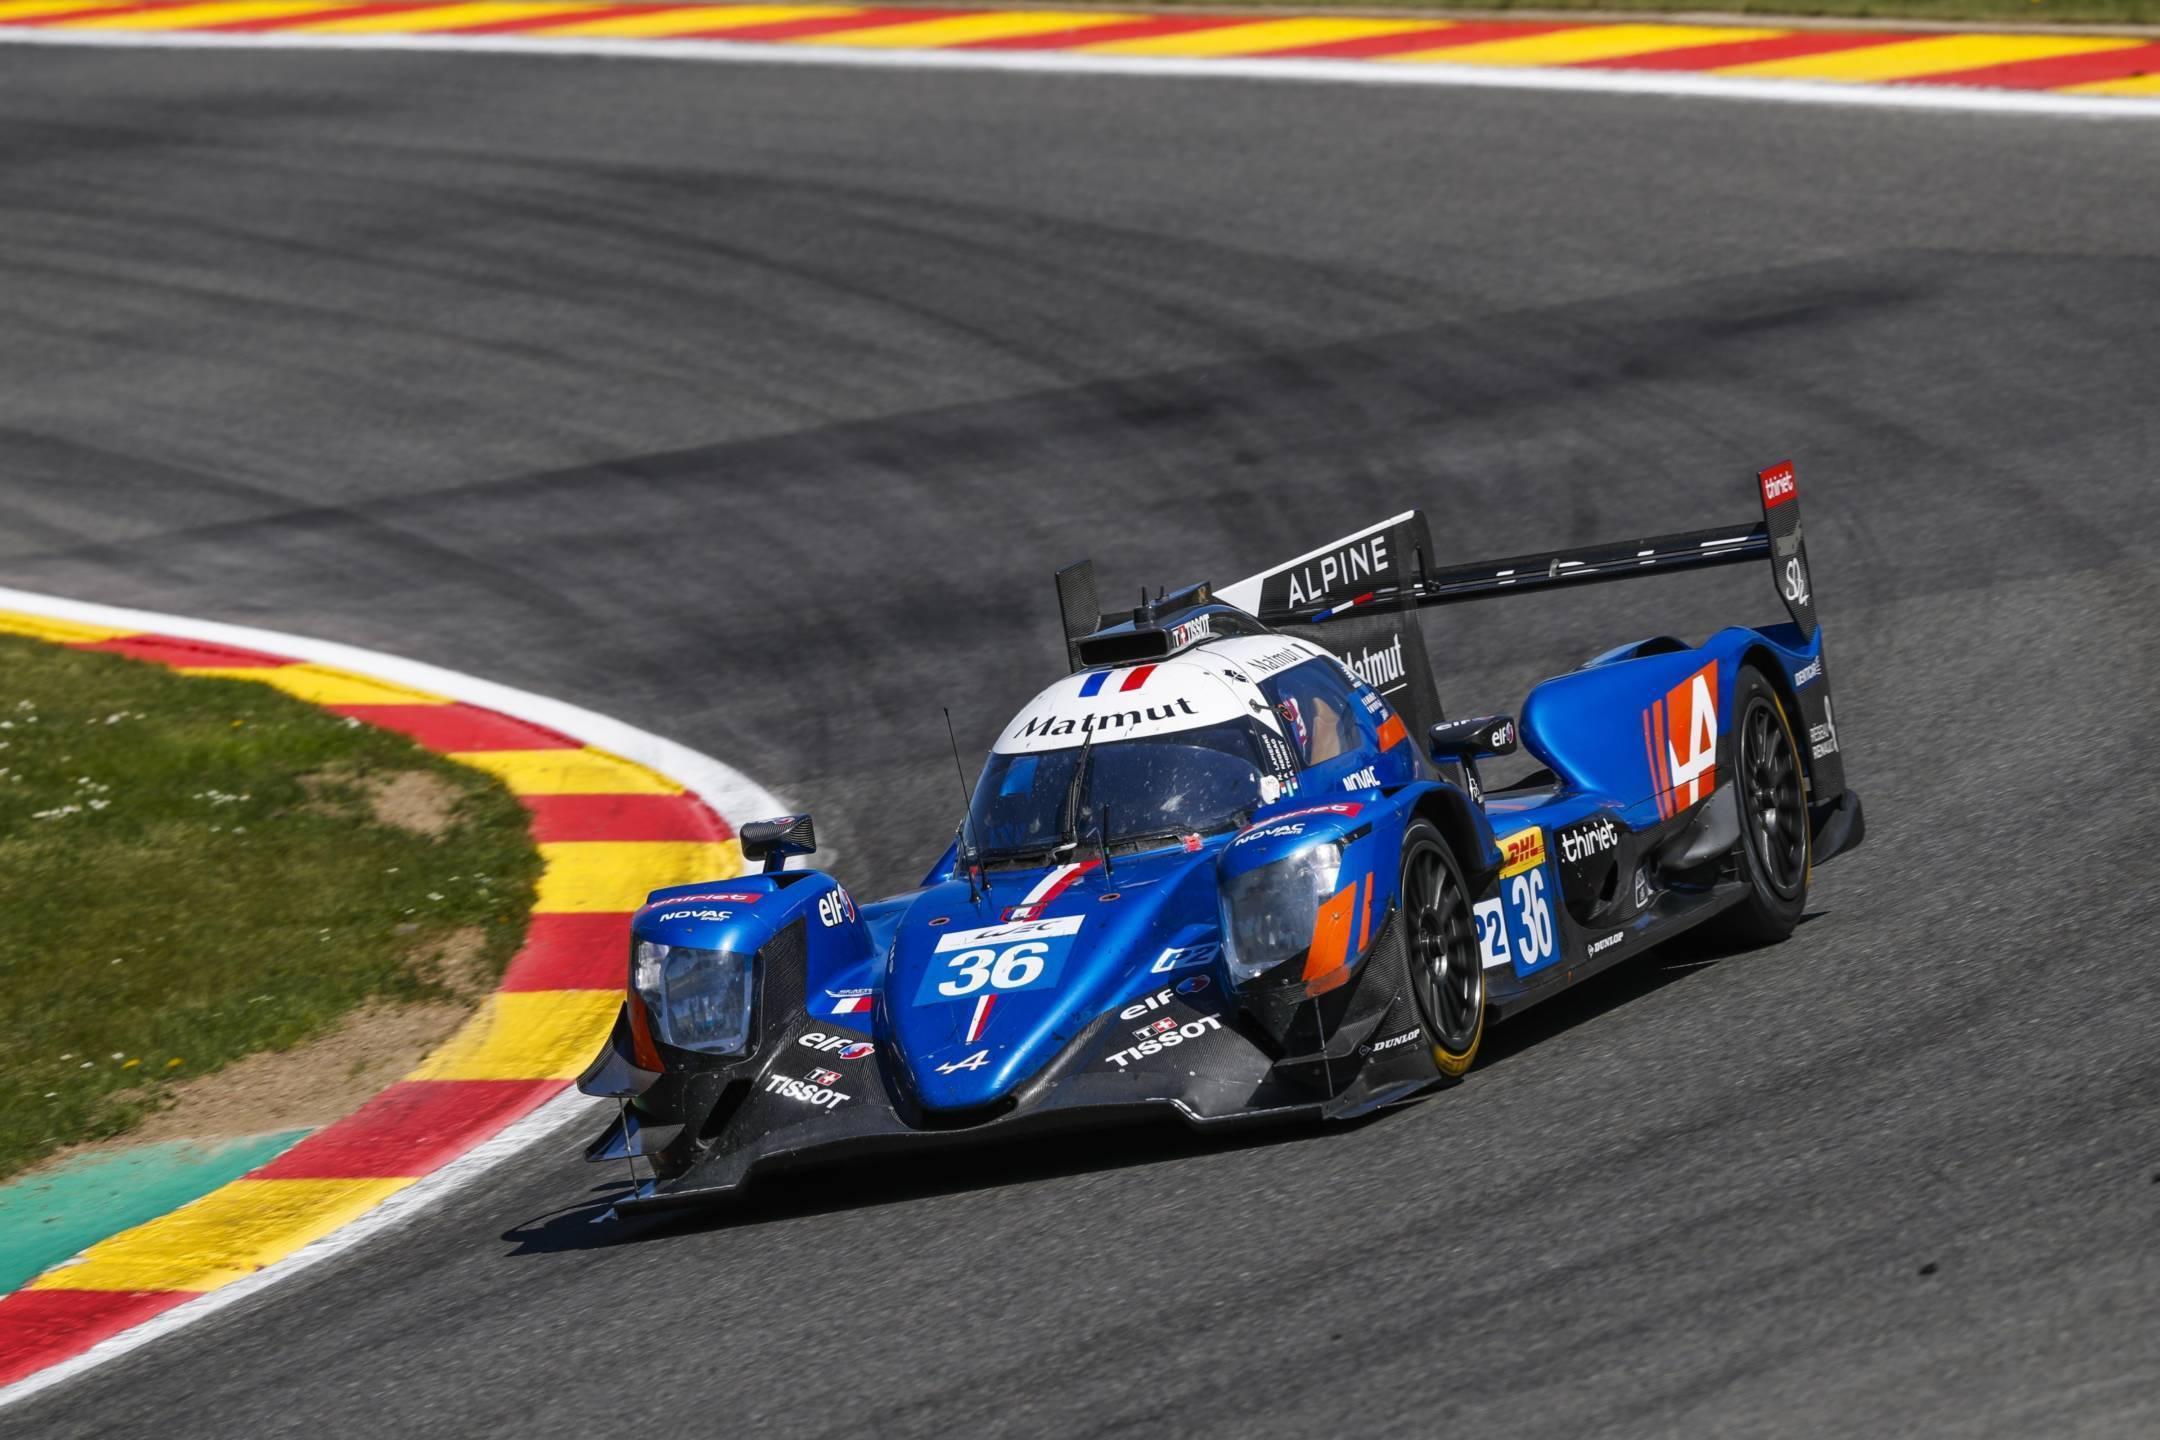 Signatech Alpine Matmut s'offre un podium à Spa-Francorchamps